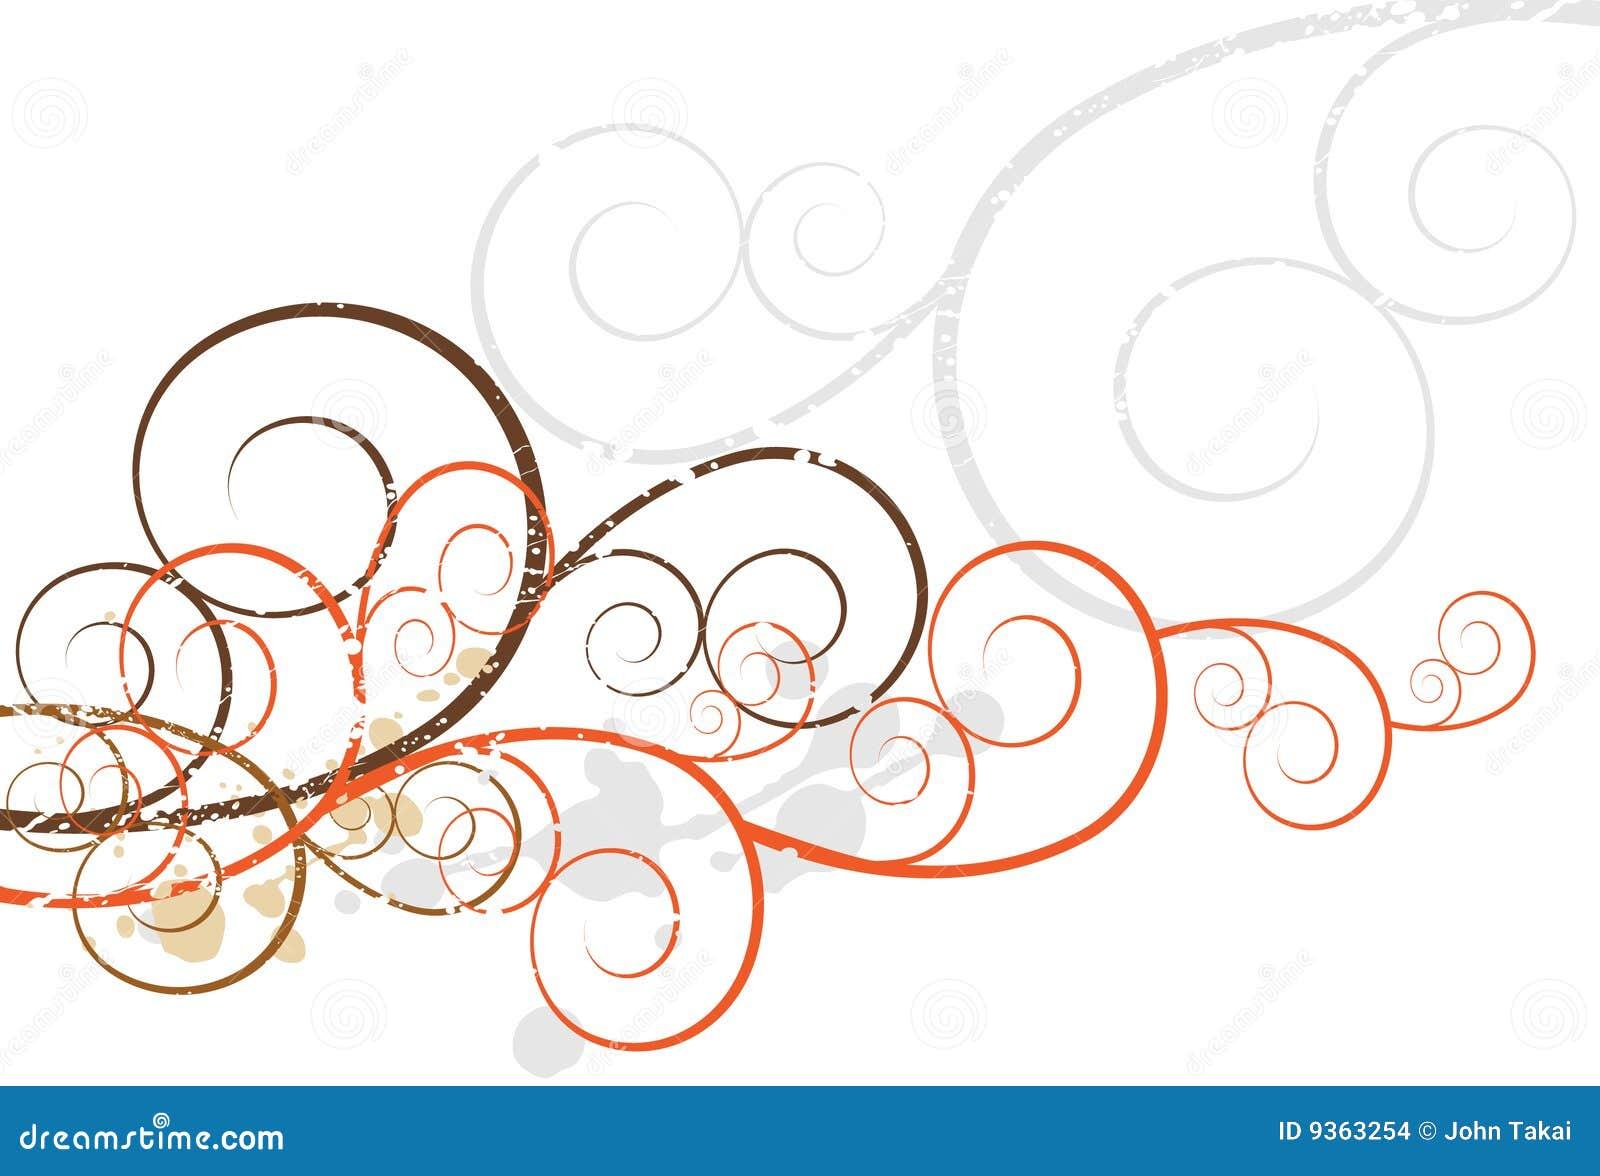 Background Design Element Of Artsy Swirls